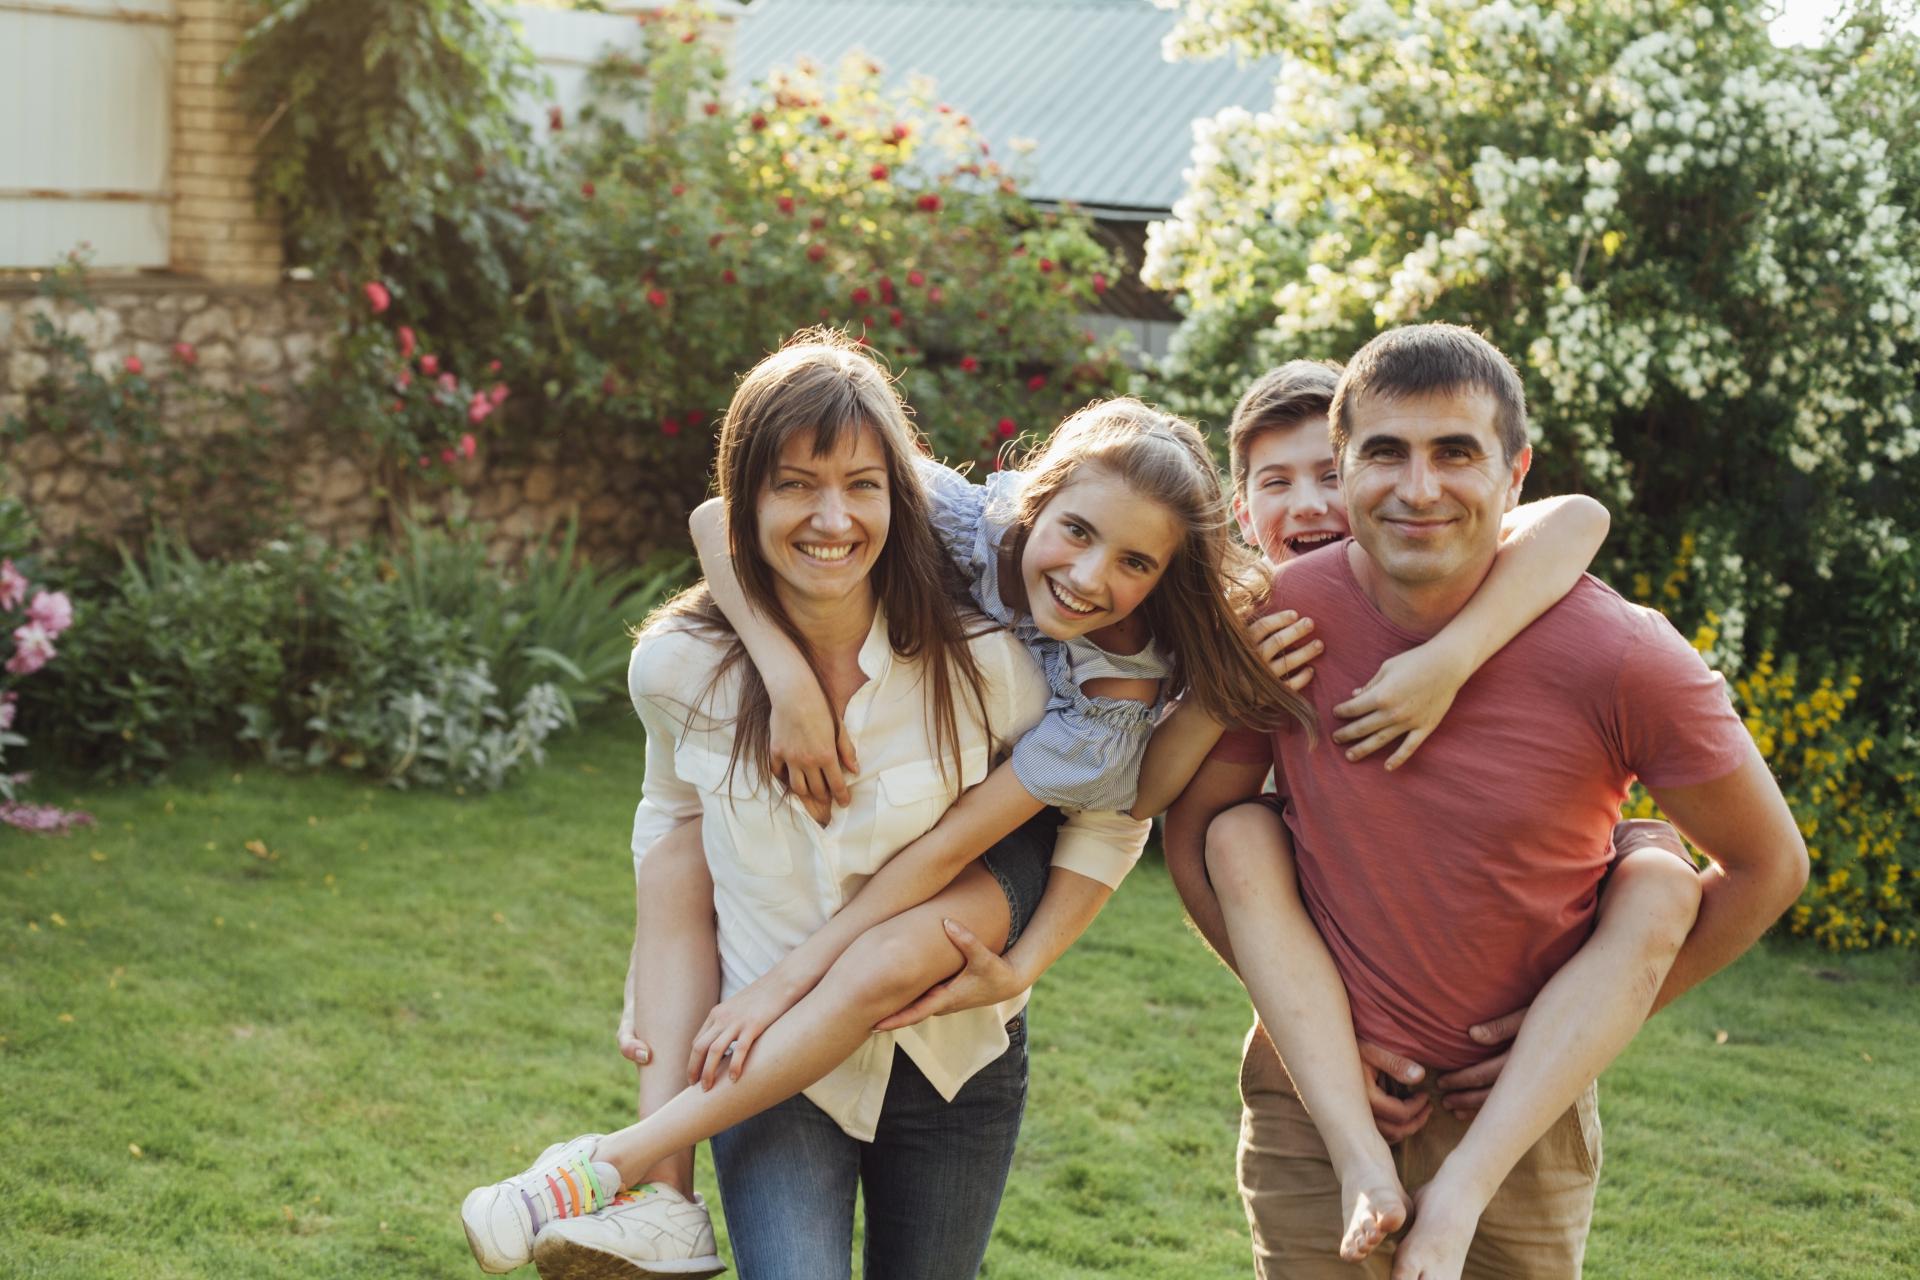 15. května je Mezinárodní den rodiny!